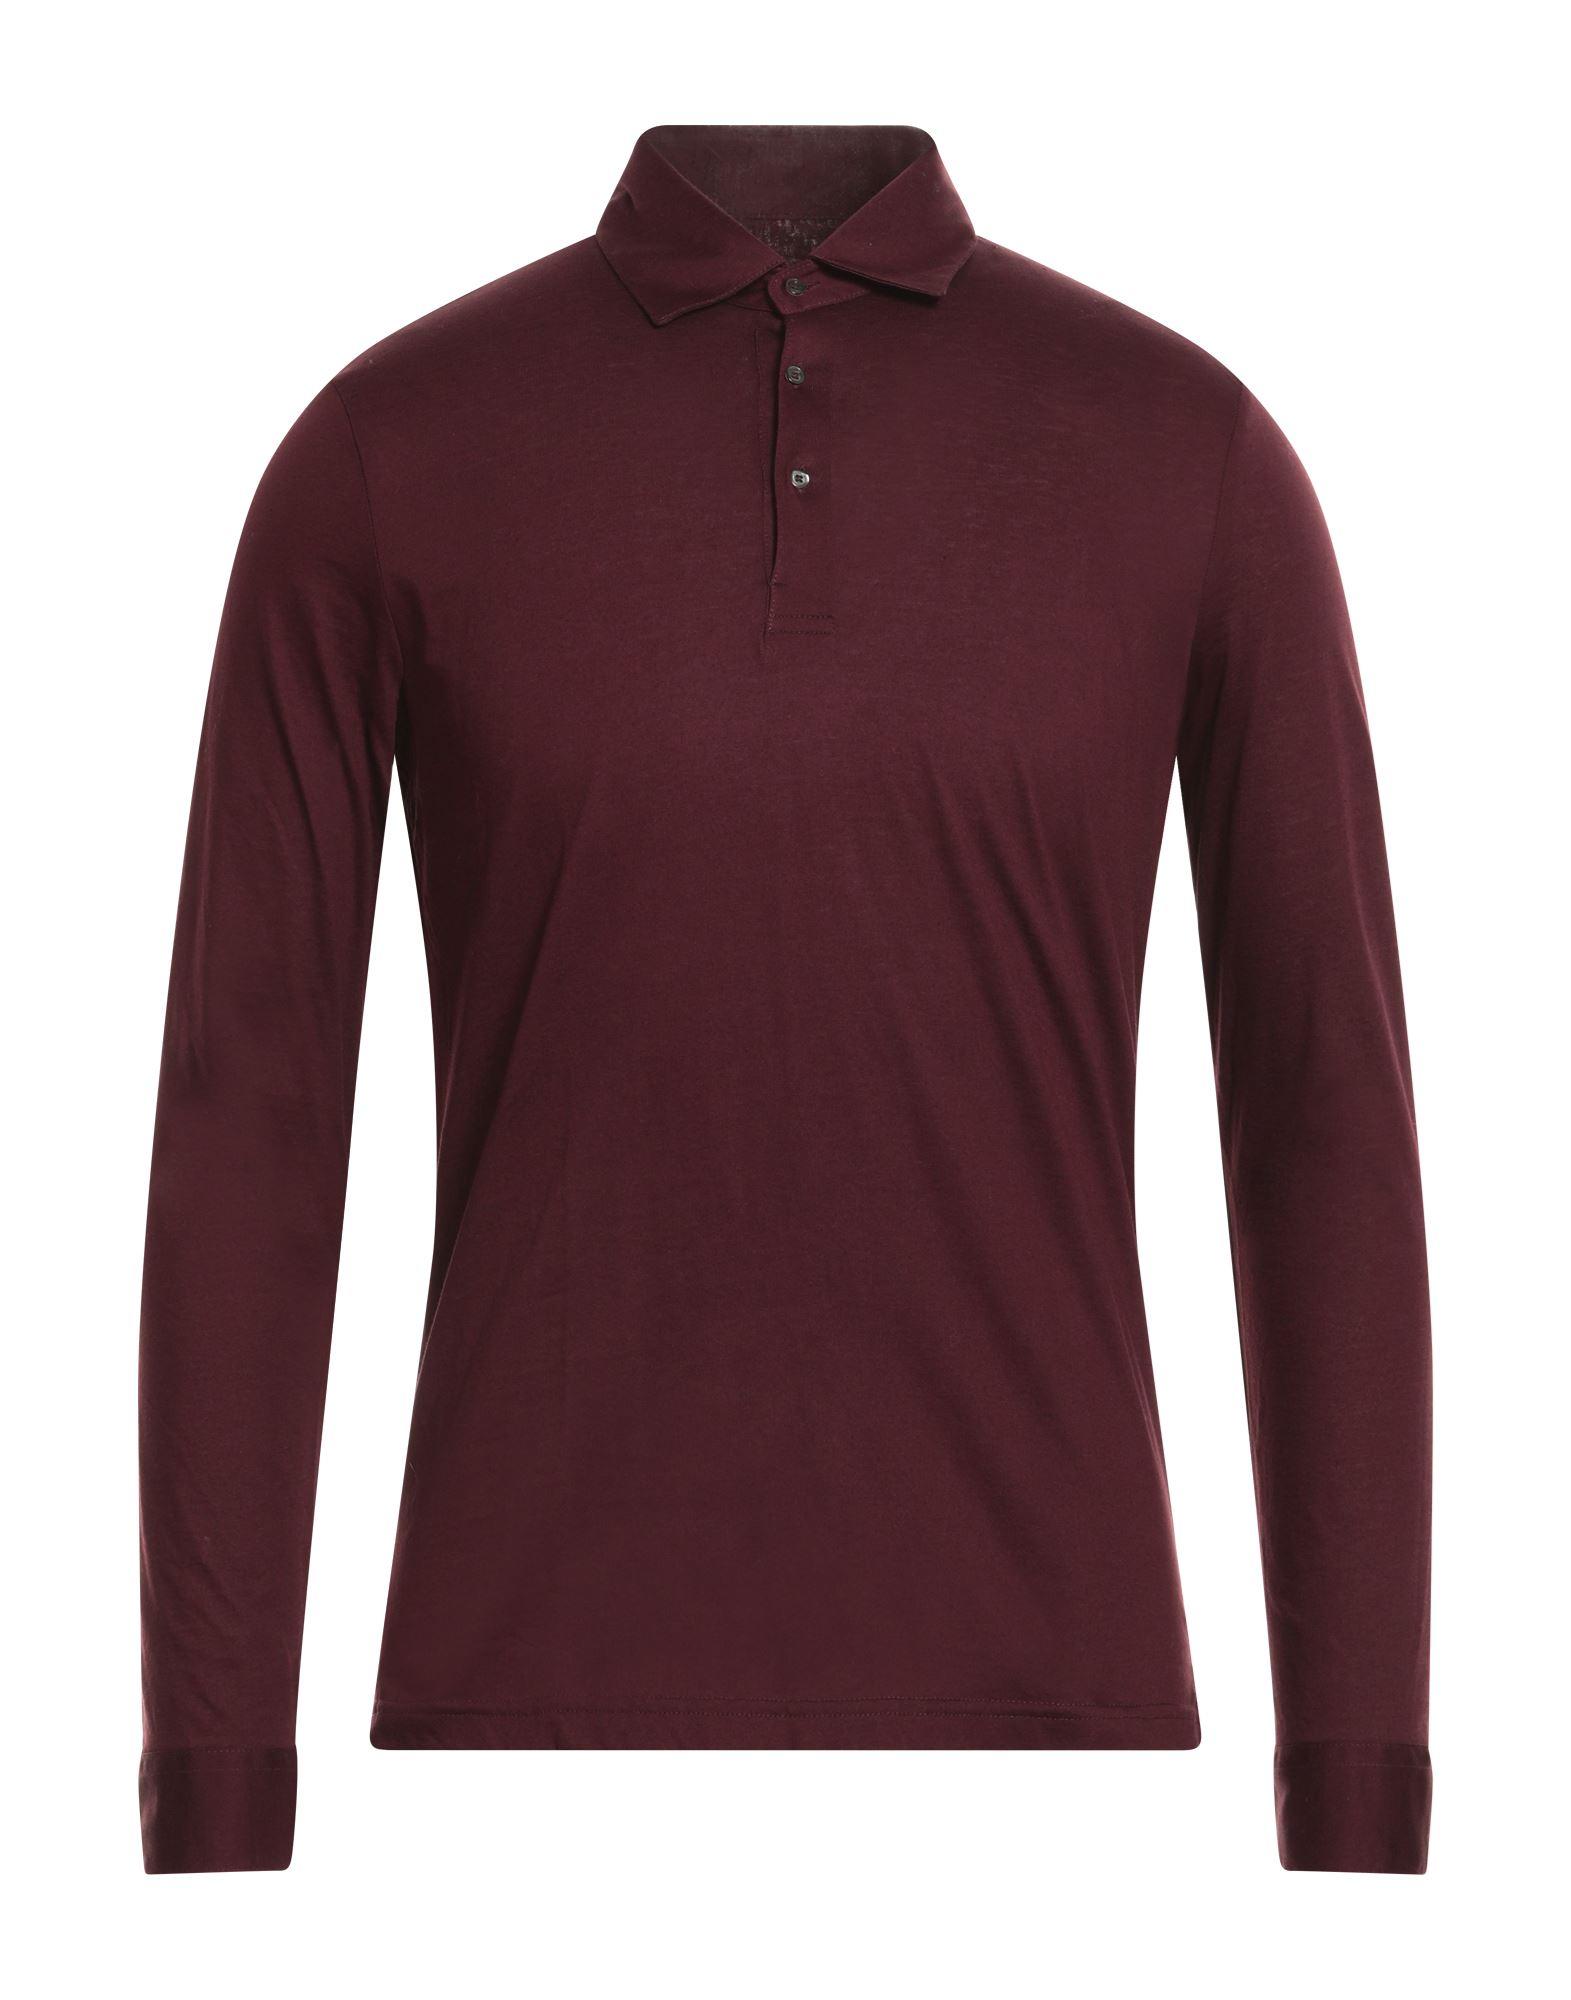 《送料無料》BAGUTTA メンズ ポロシャツ ボルドー S コットン 100%